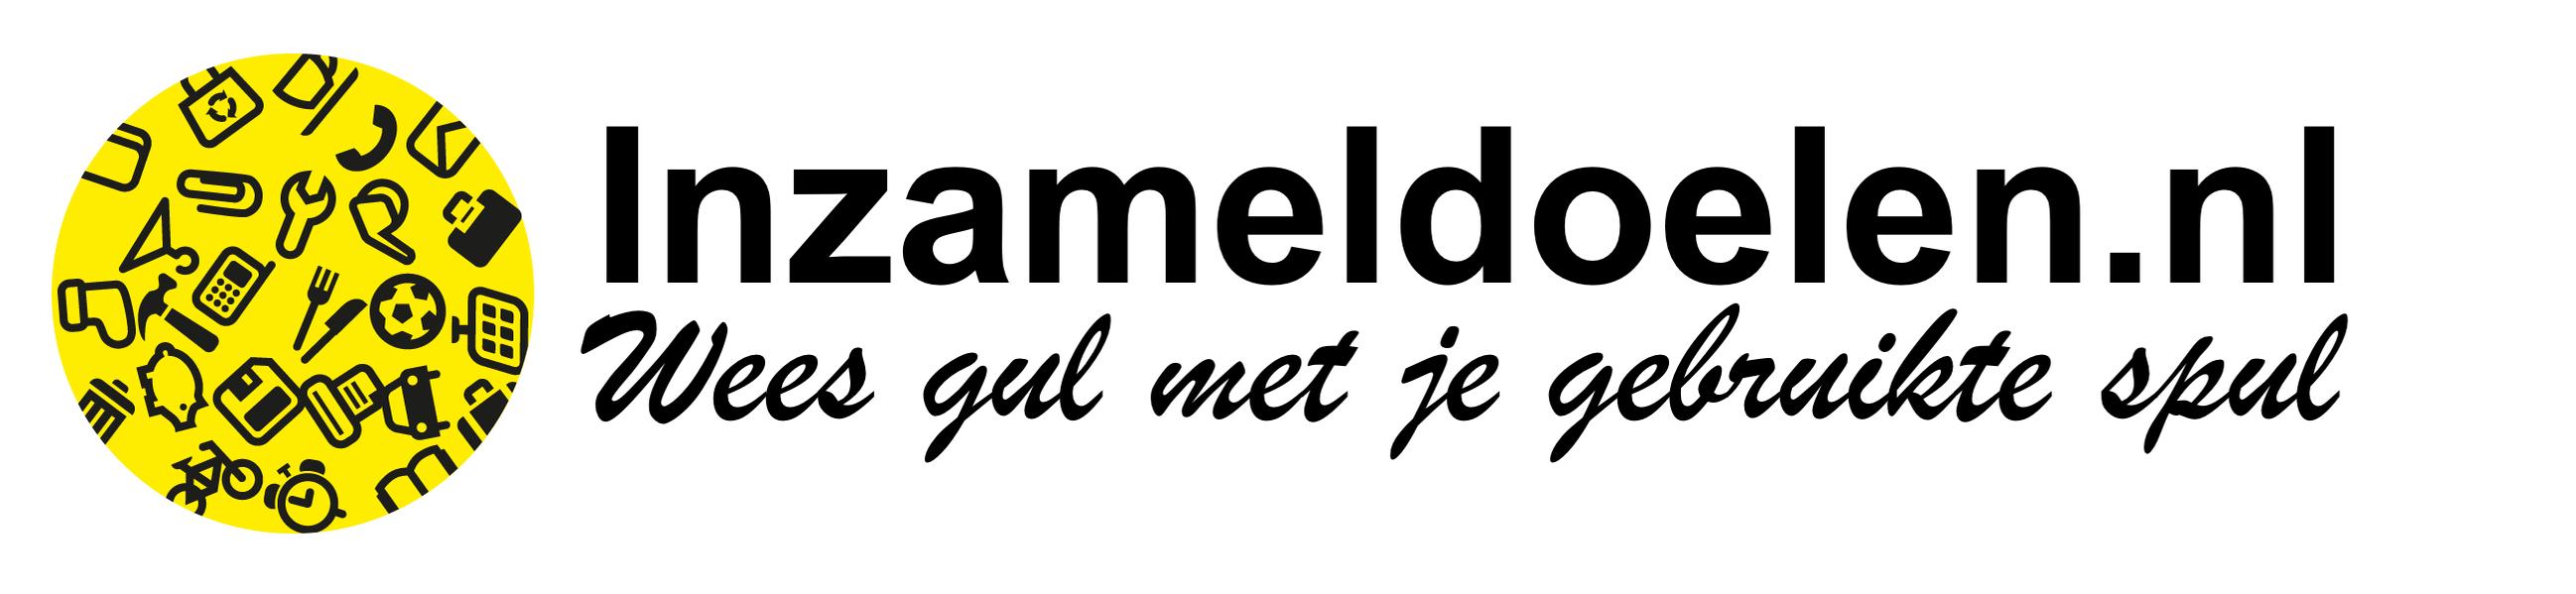 https://inzameldoelen.nl/